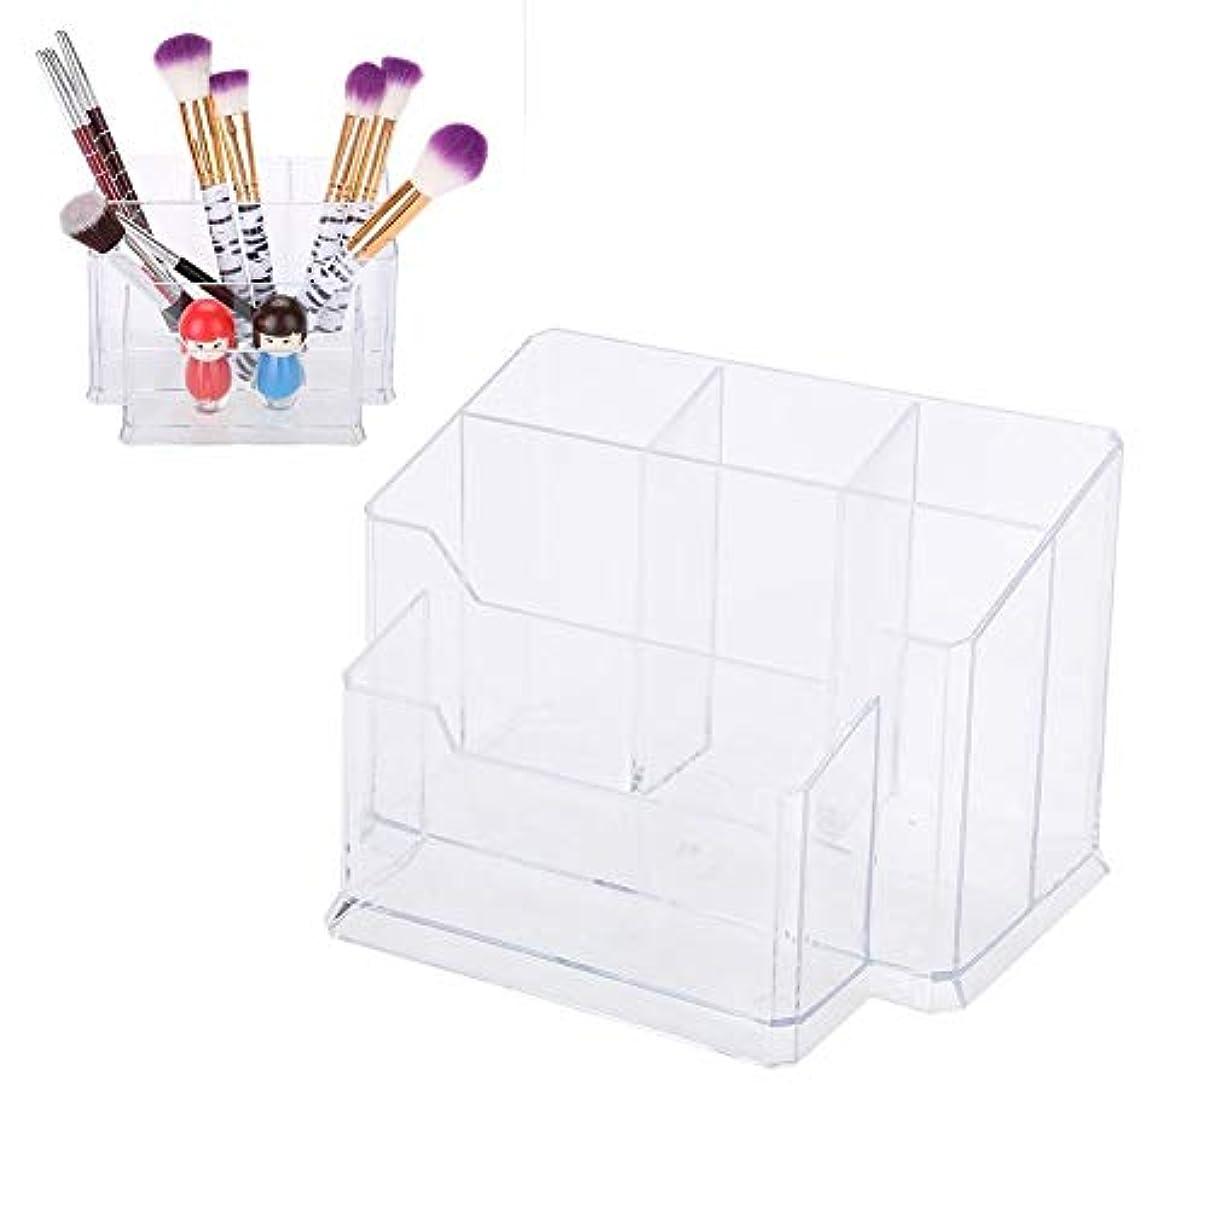 出会い無視できる倉庫化粧ブラシ収納ボックス アクリル製 コスメ収納 スタンド 口紅 リップ 小物入れ 透明